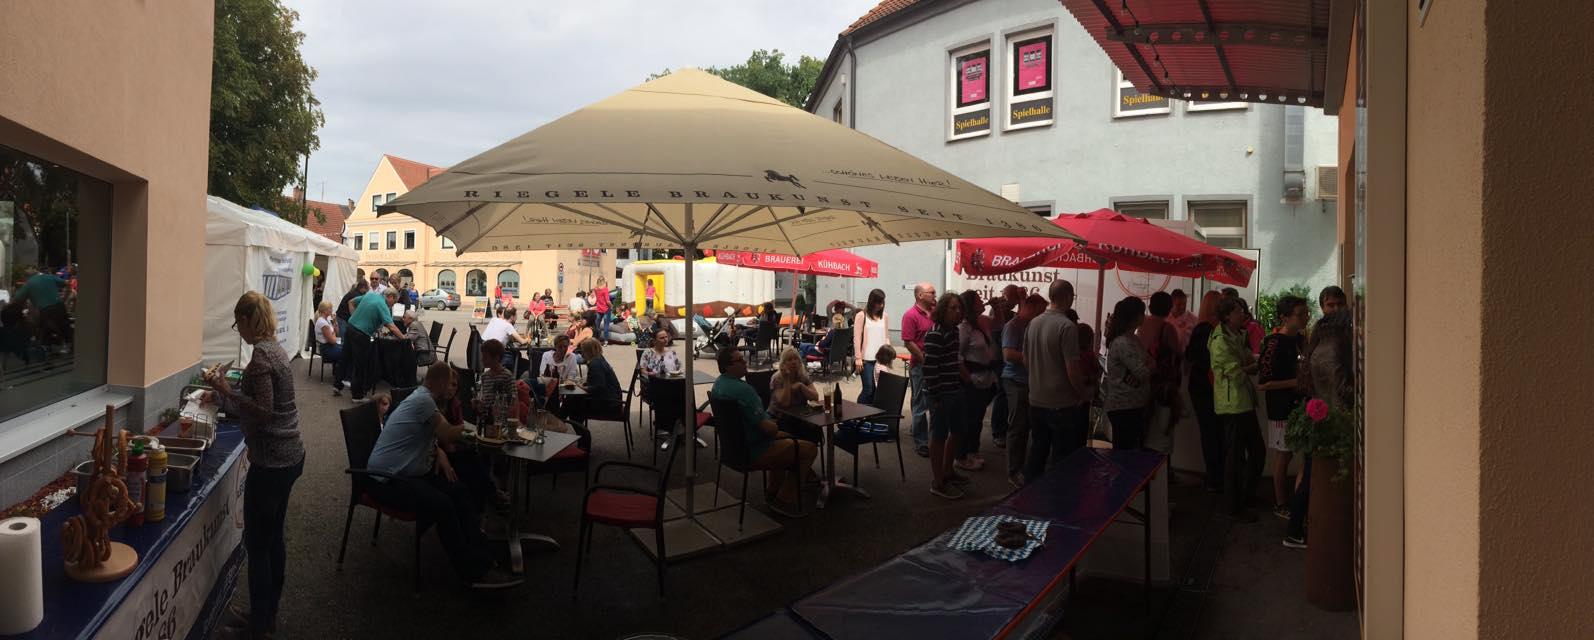 Schenkel_Sommerfest_Panorama